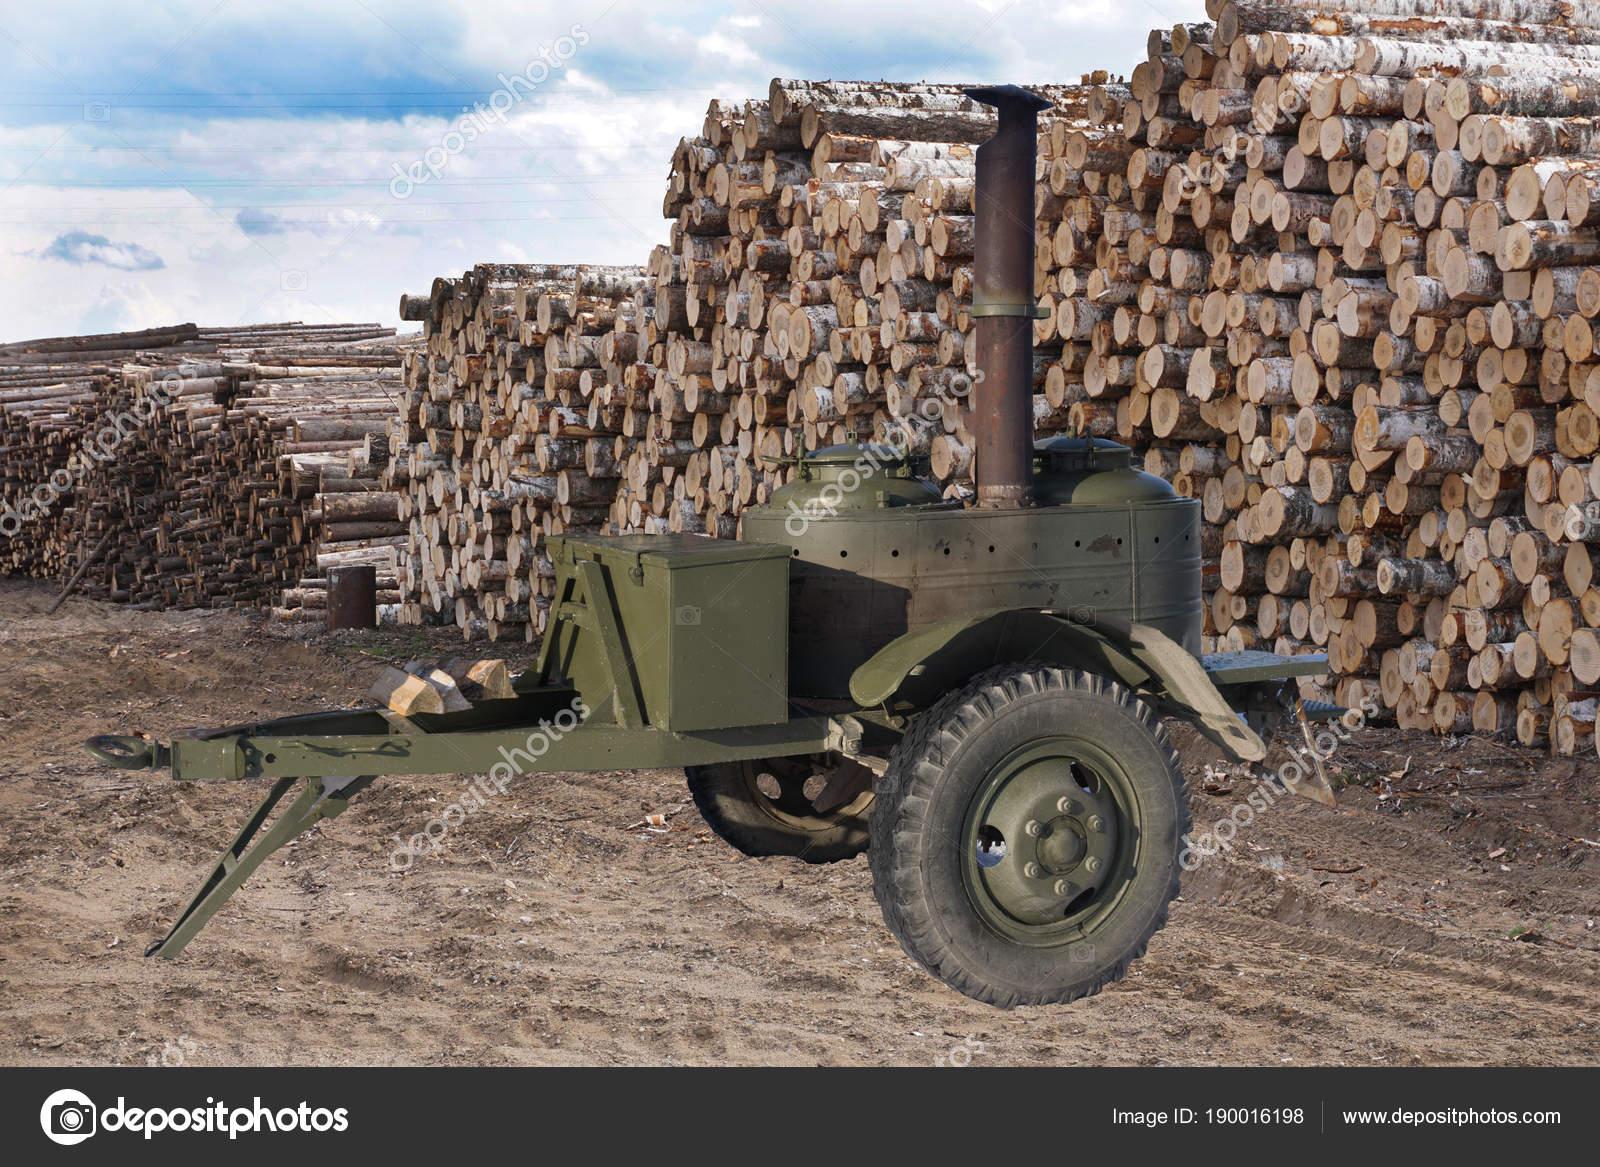 Wojskowa Kuchnia Polowa I Mnóstwo Drewna Opałowego W Tle